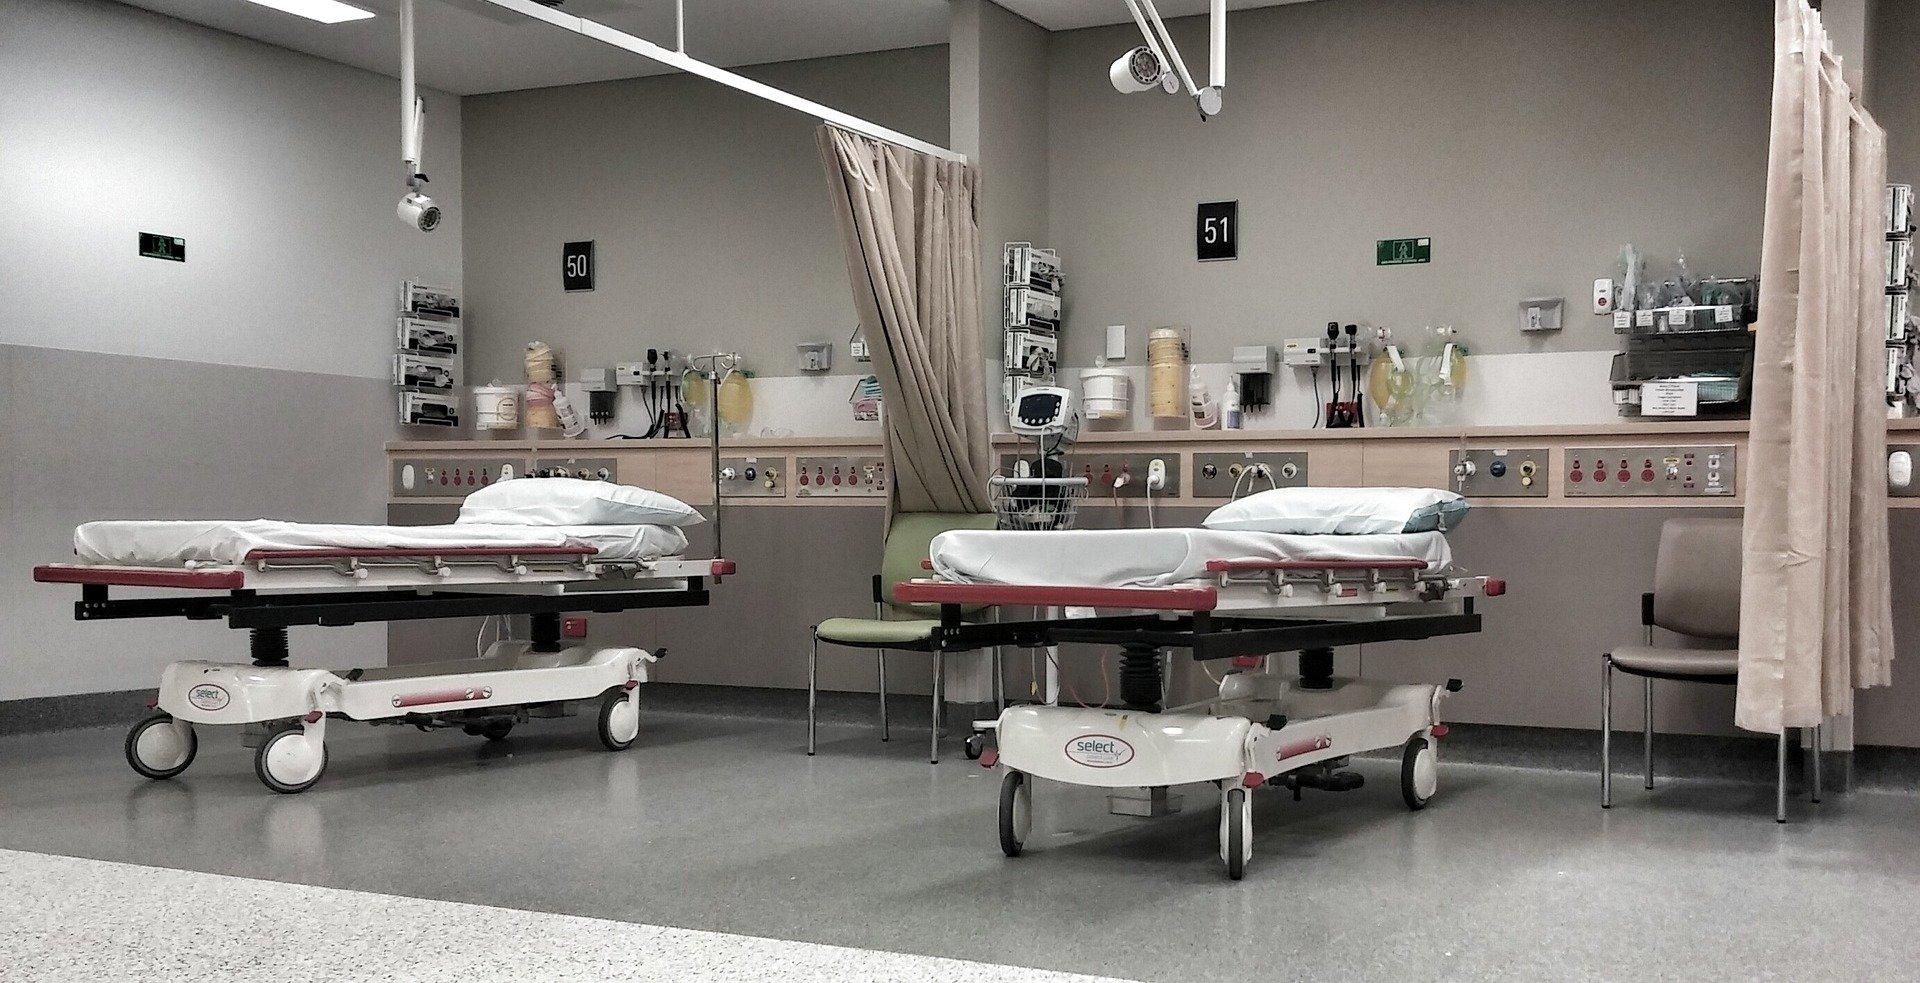 Deutschland: Schließung von Krankenhäusern und Pflegekräfte Mangel